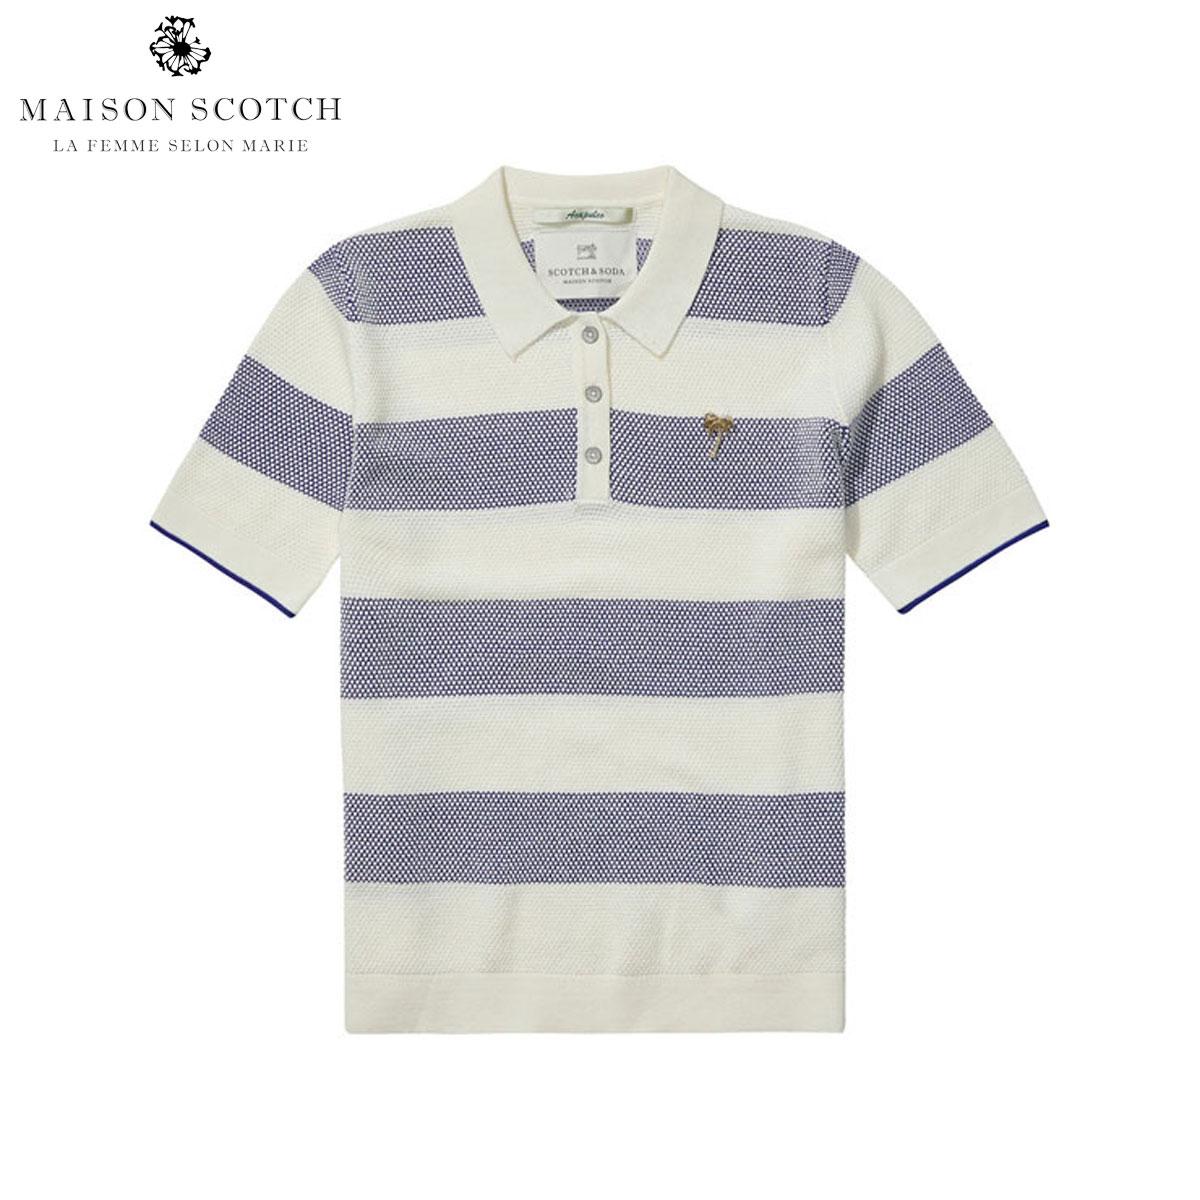 メゾンスコッチ MAISON SCOTCH 正規販売店 レディース 半袖ポロシャツ Knitted polo 131316 C